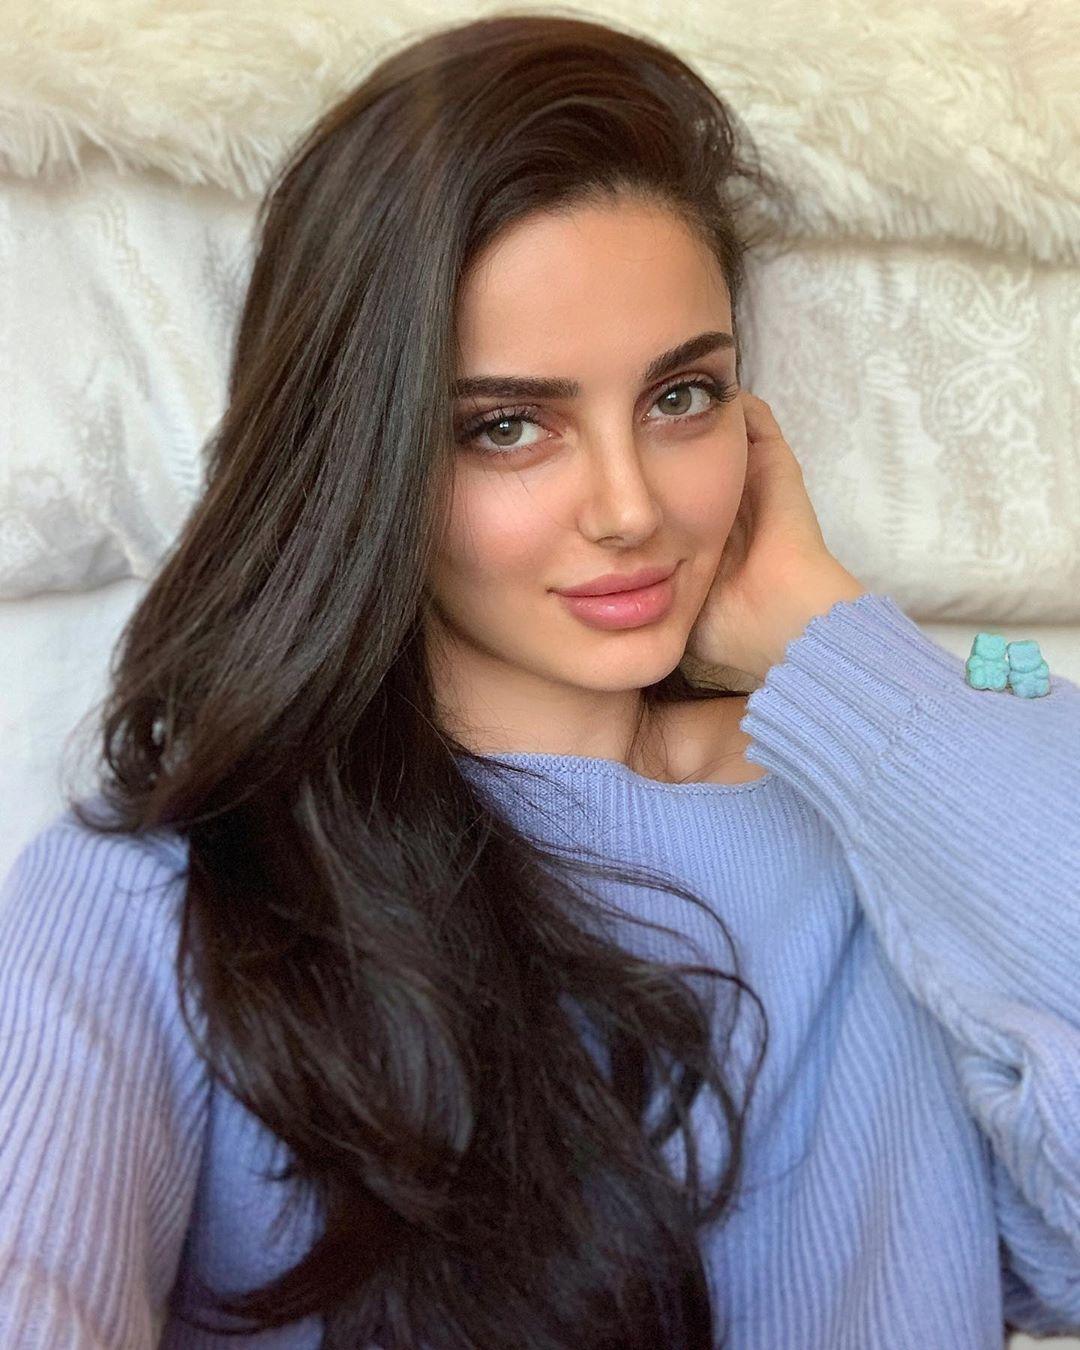 10 زیباترین زنان آسیایی در سال 2021